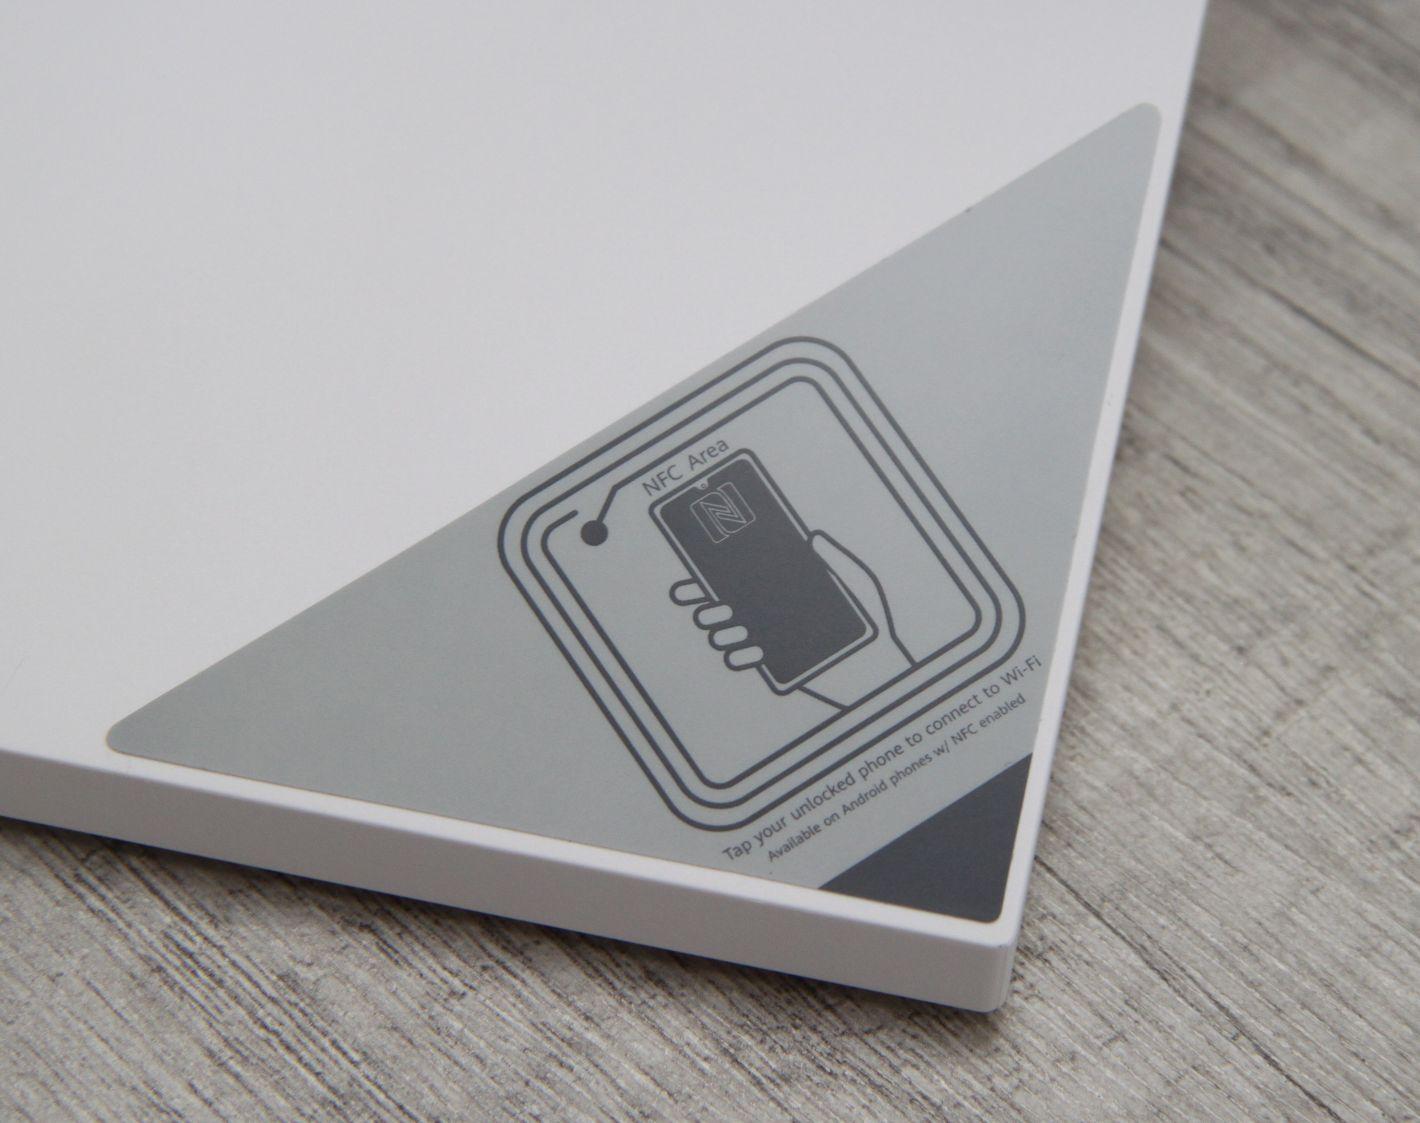 Huawei WiFi AX3 Quad core NFC